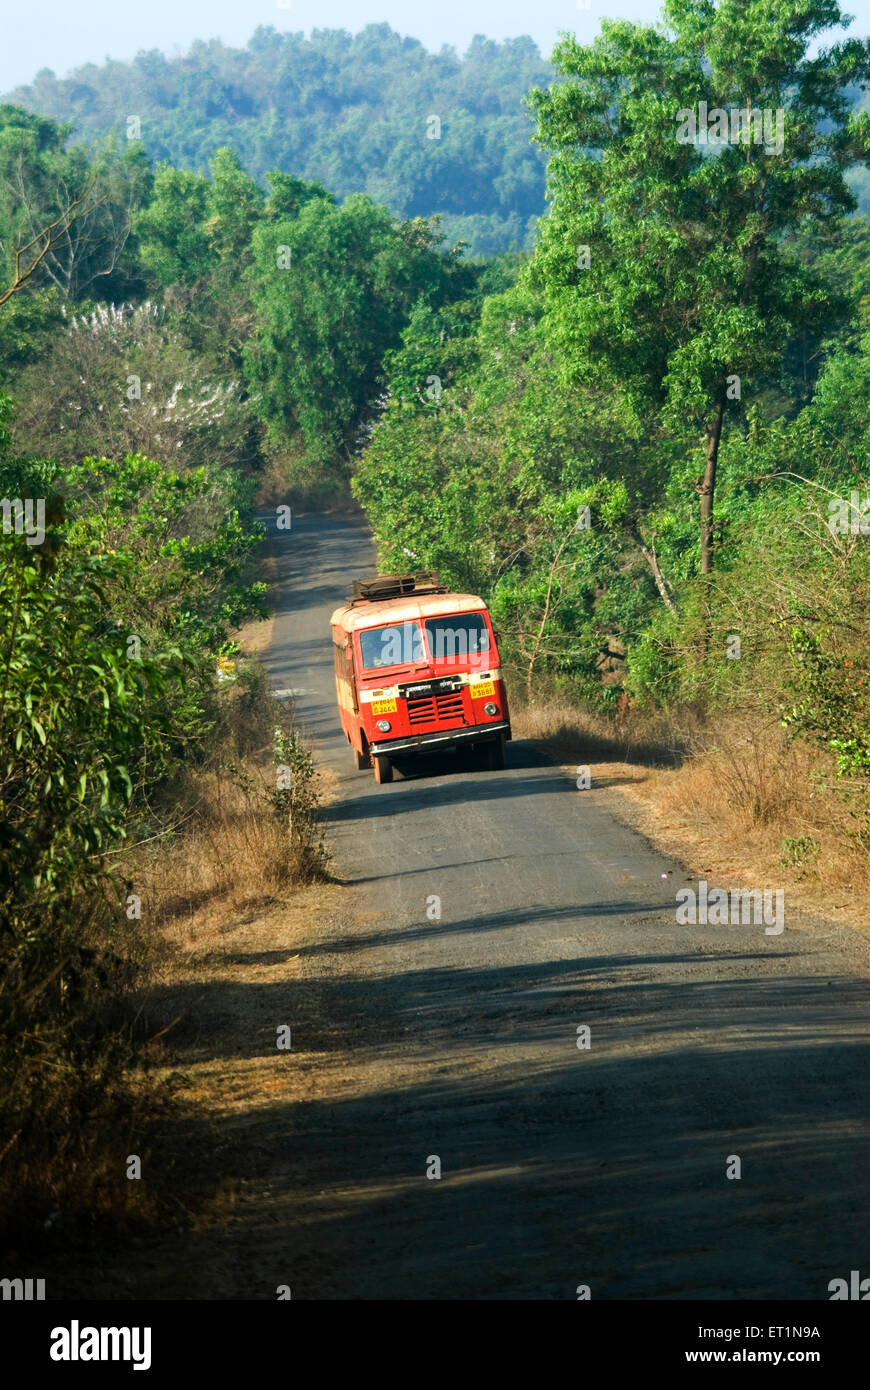 Route du village et de l'état solitaire transport bus près de Lanja district Ratnagiri;;; Photo Stock